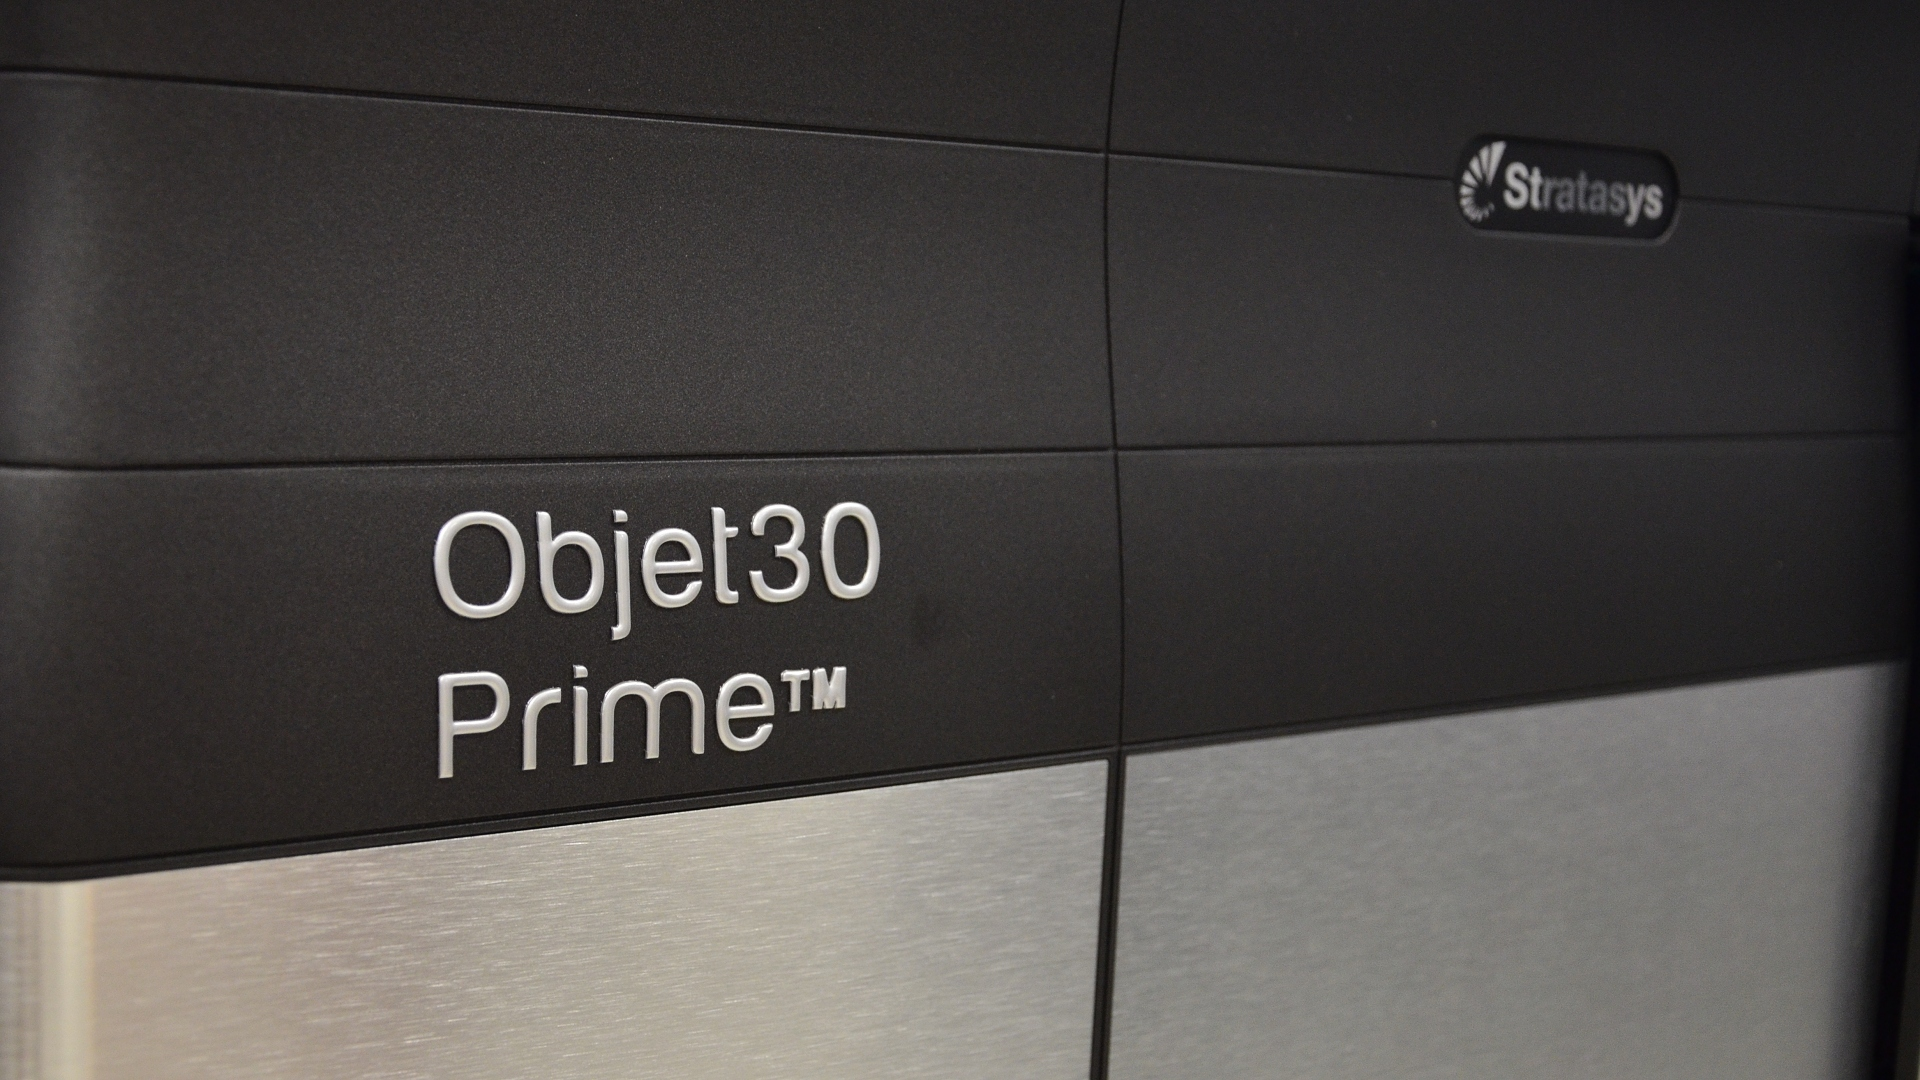 Stratasys Objet30 Prime